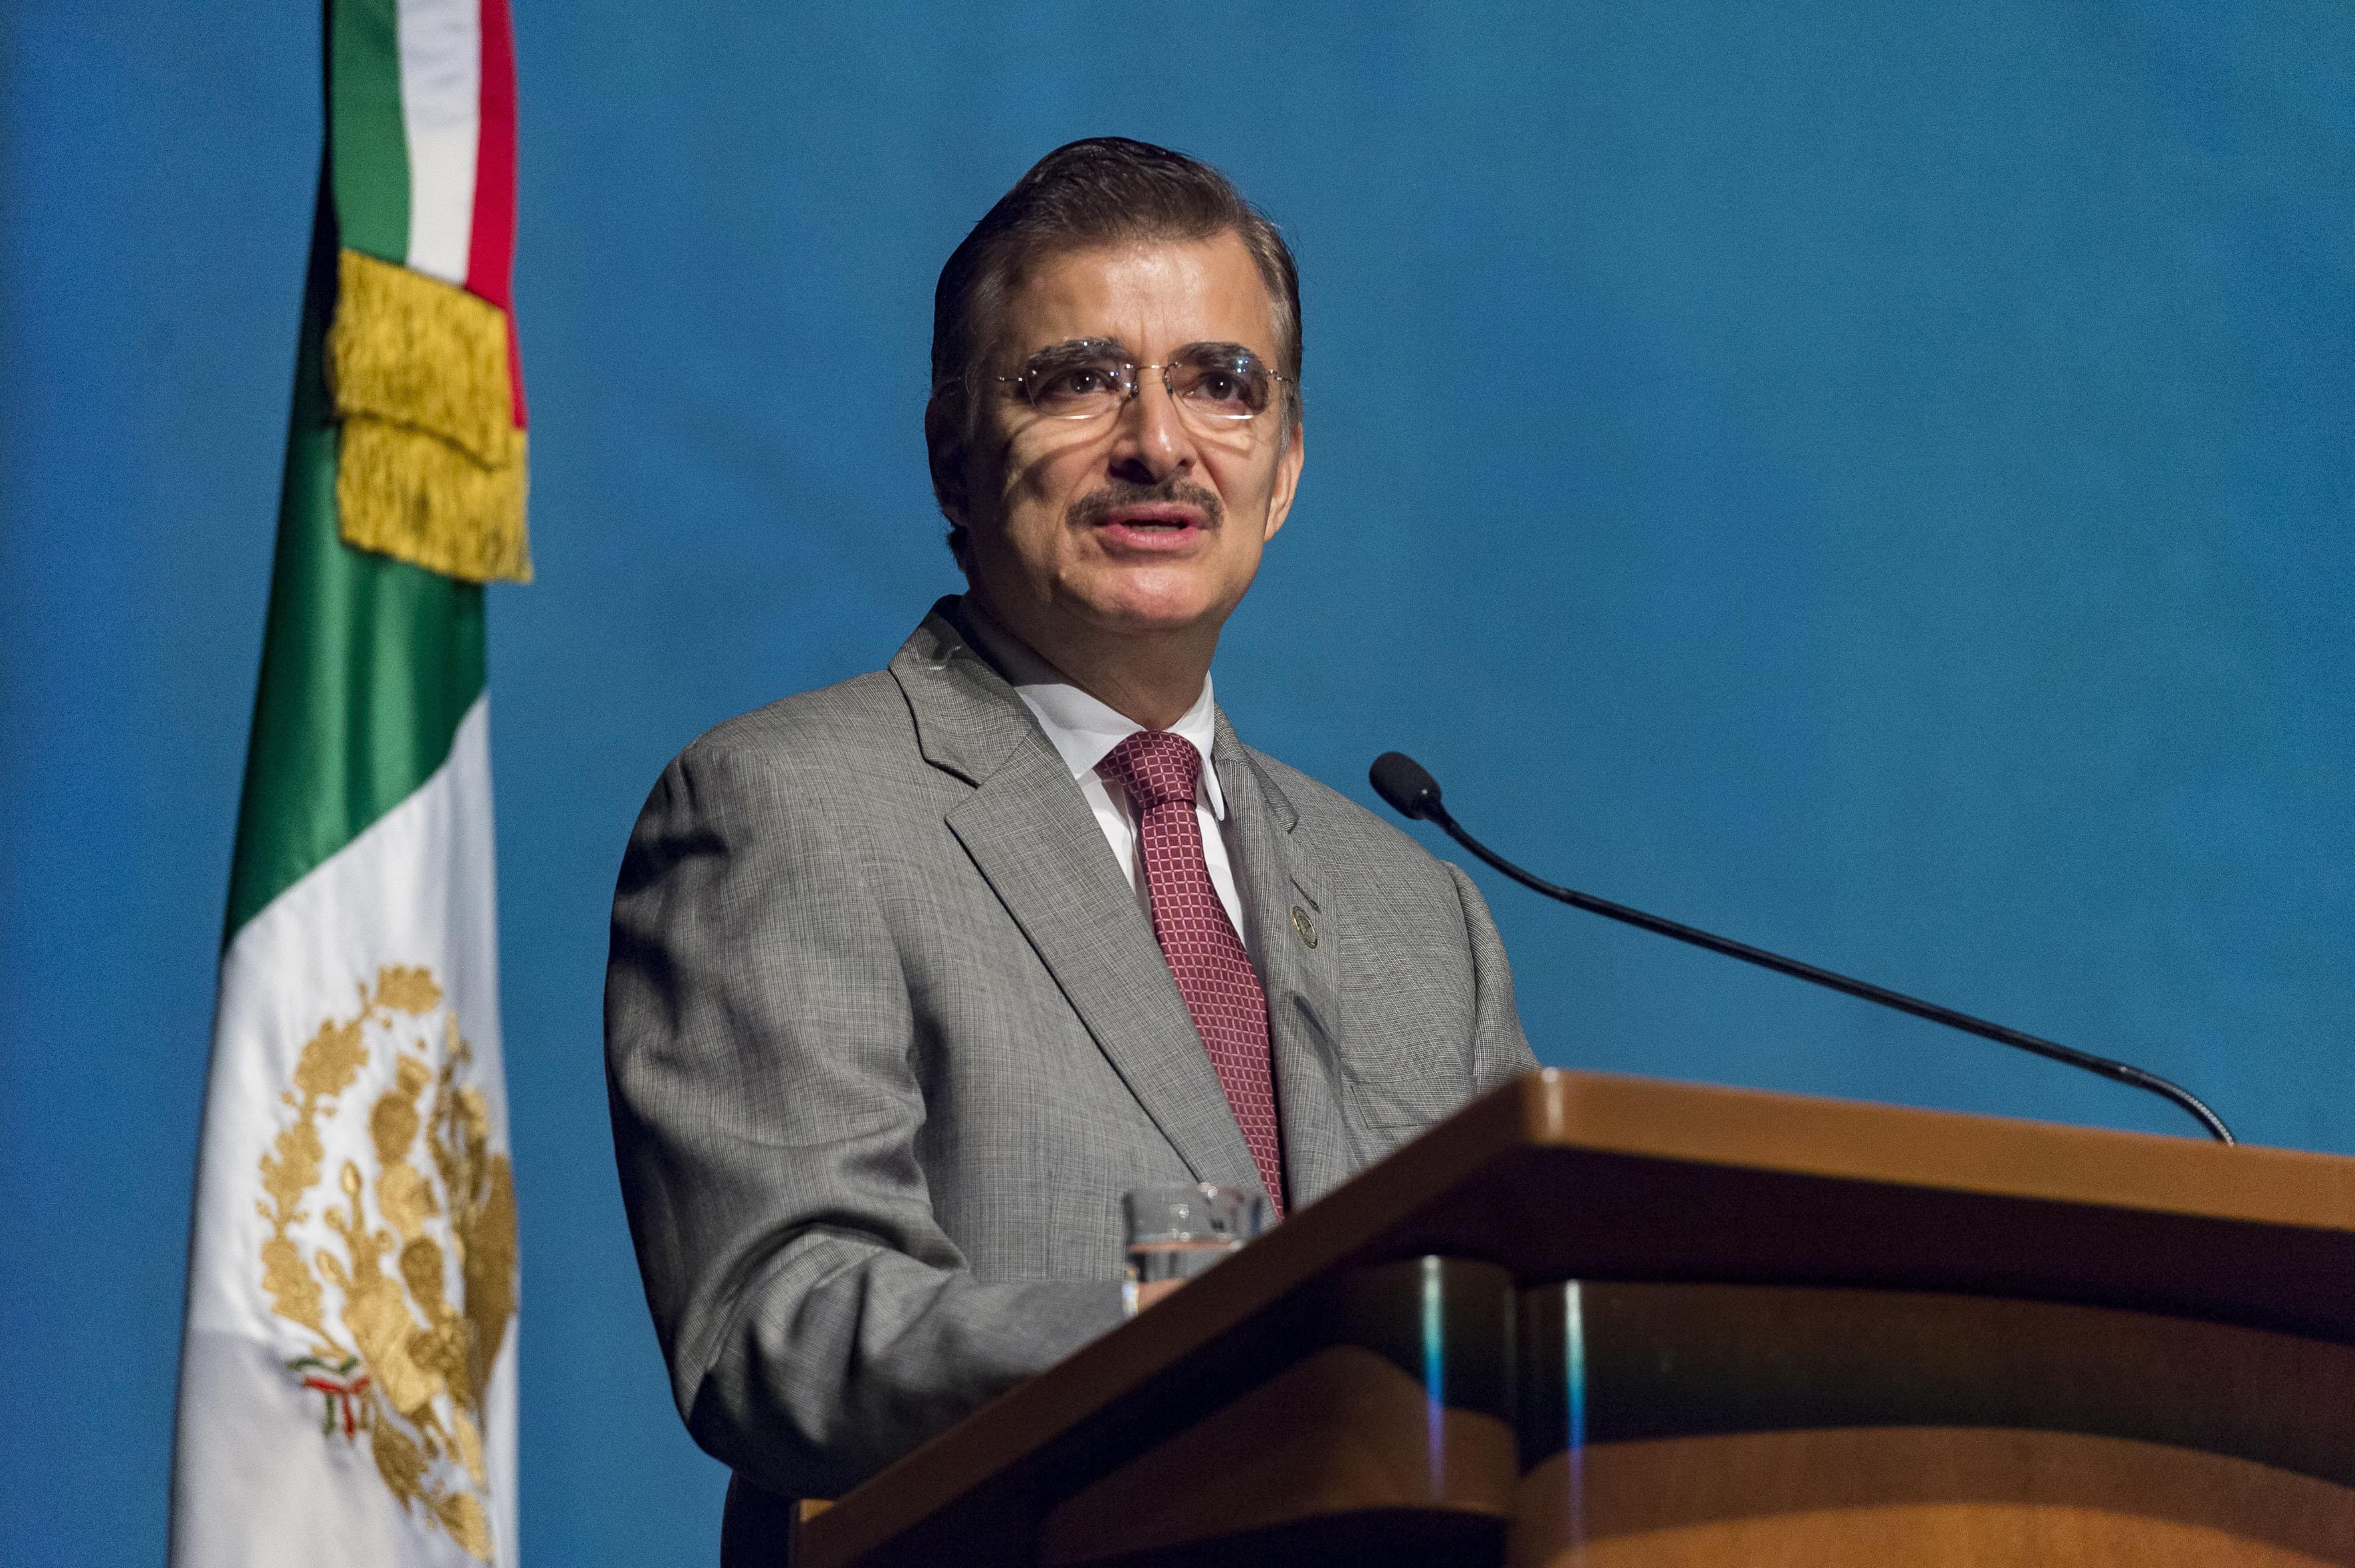 Rector General de la Universidad de Guadalajara, maestro Itzcóatl Tonatiuh Bravo Padilla, haciendo uso de la palabra, durante el acto inagural.